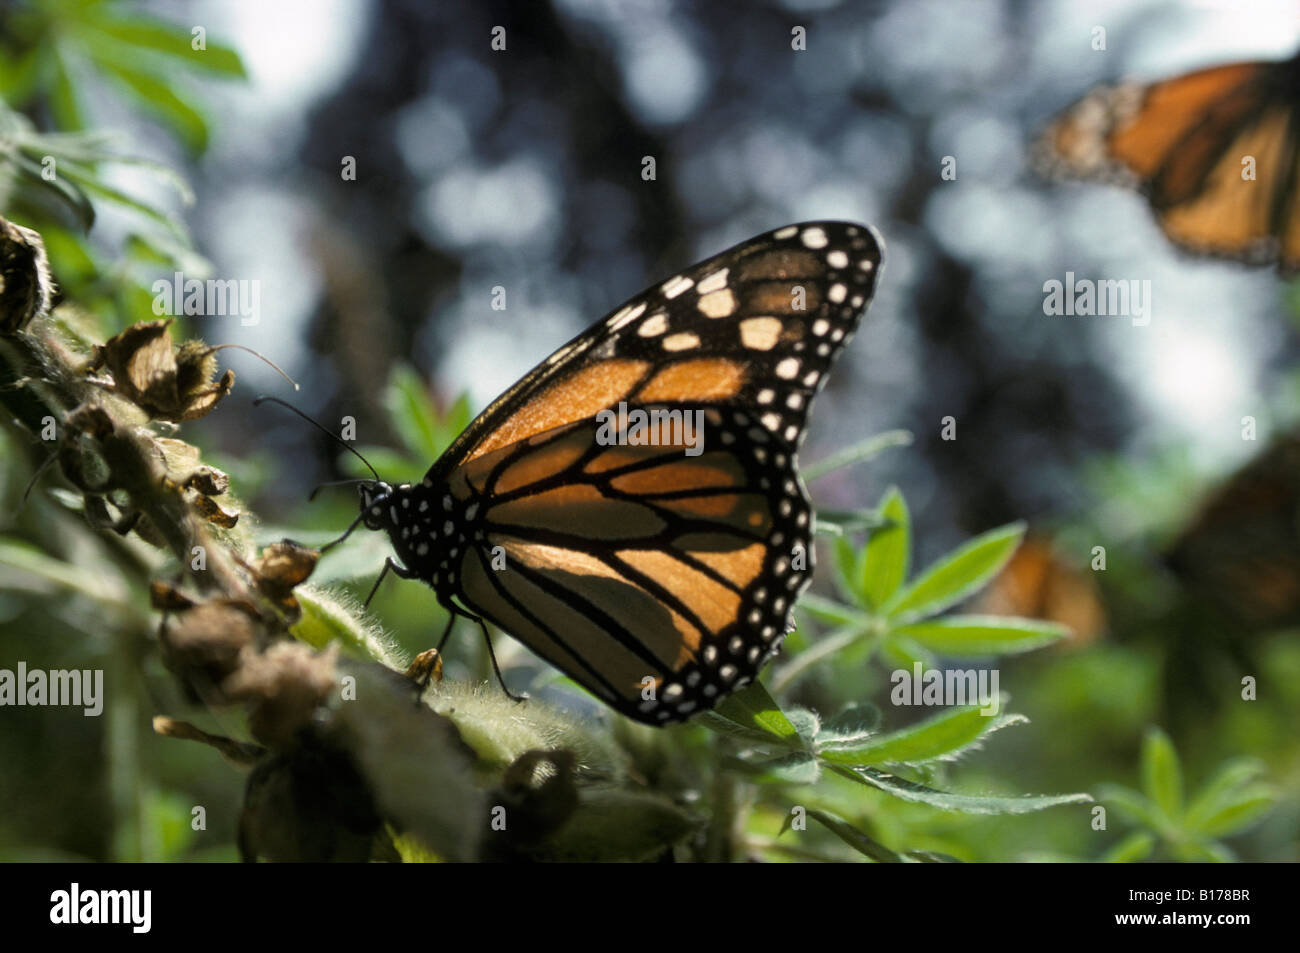 monarques Monarchfalter Monarchs Danaus plexippus on migration animals Arthropoda arthropods Edelfalter Gliederfuesser - Stock Image